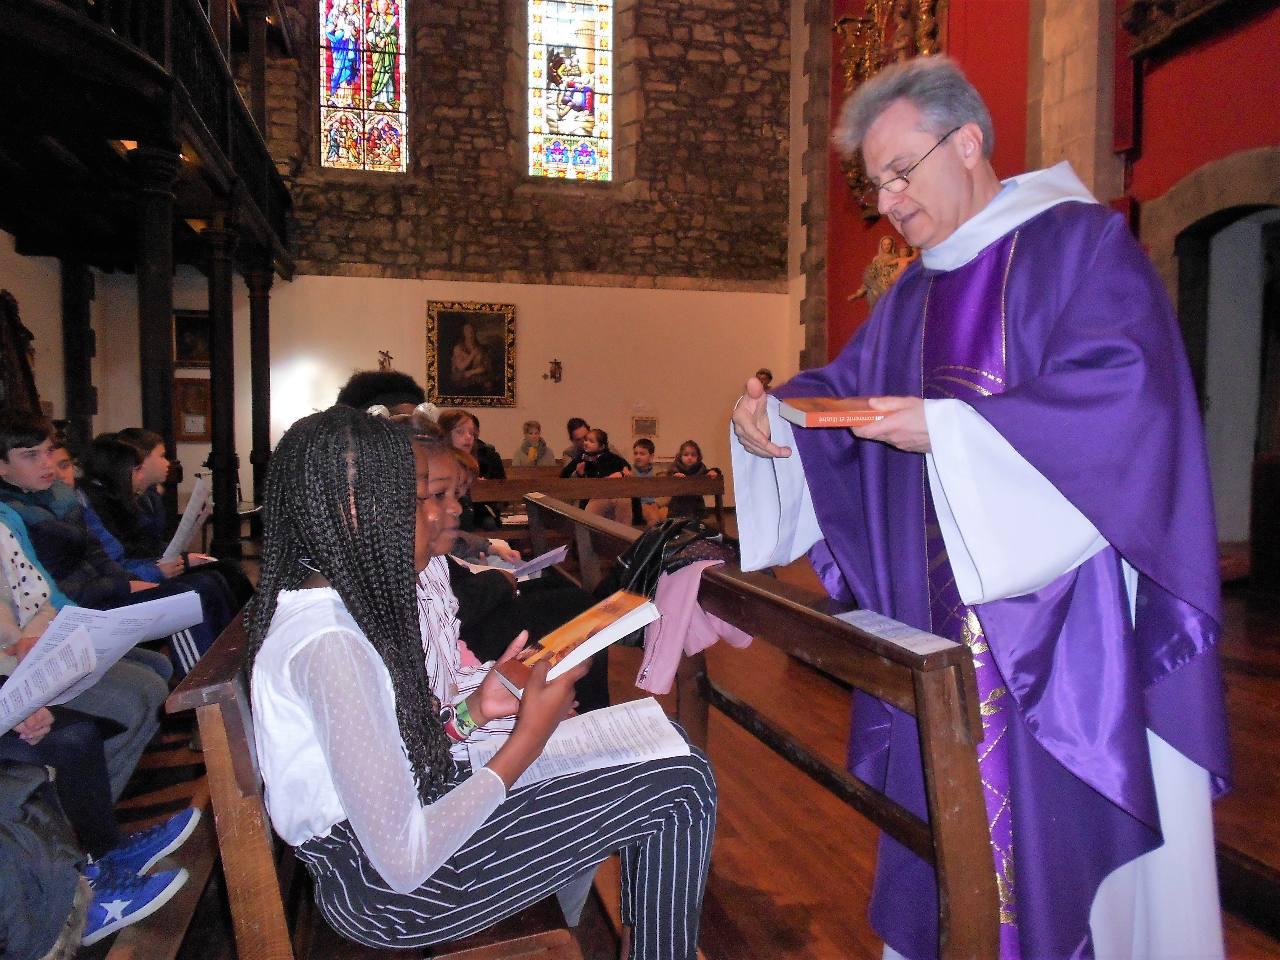 L'abbé leur remet les Saintes Évangiles